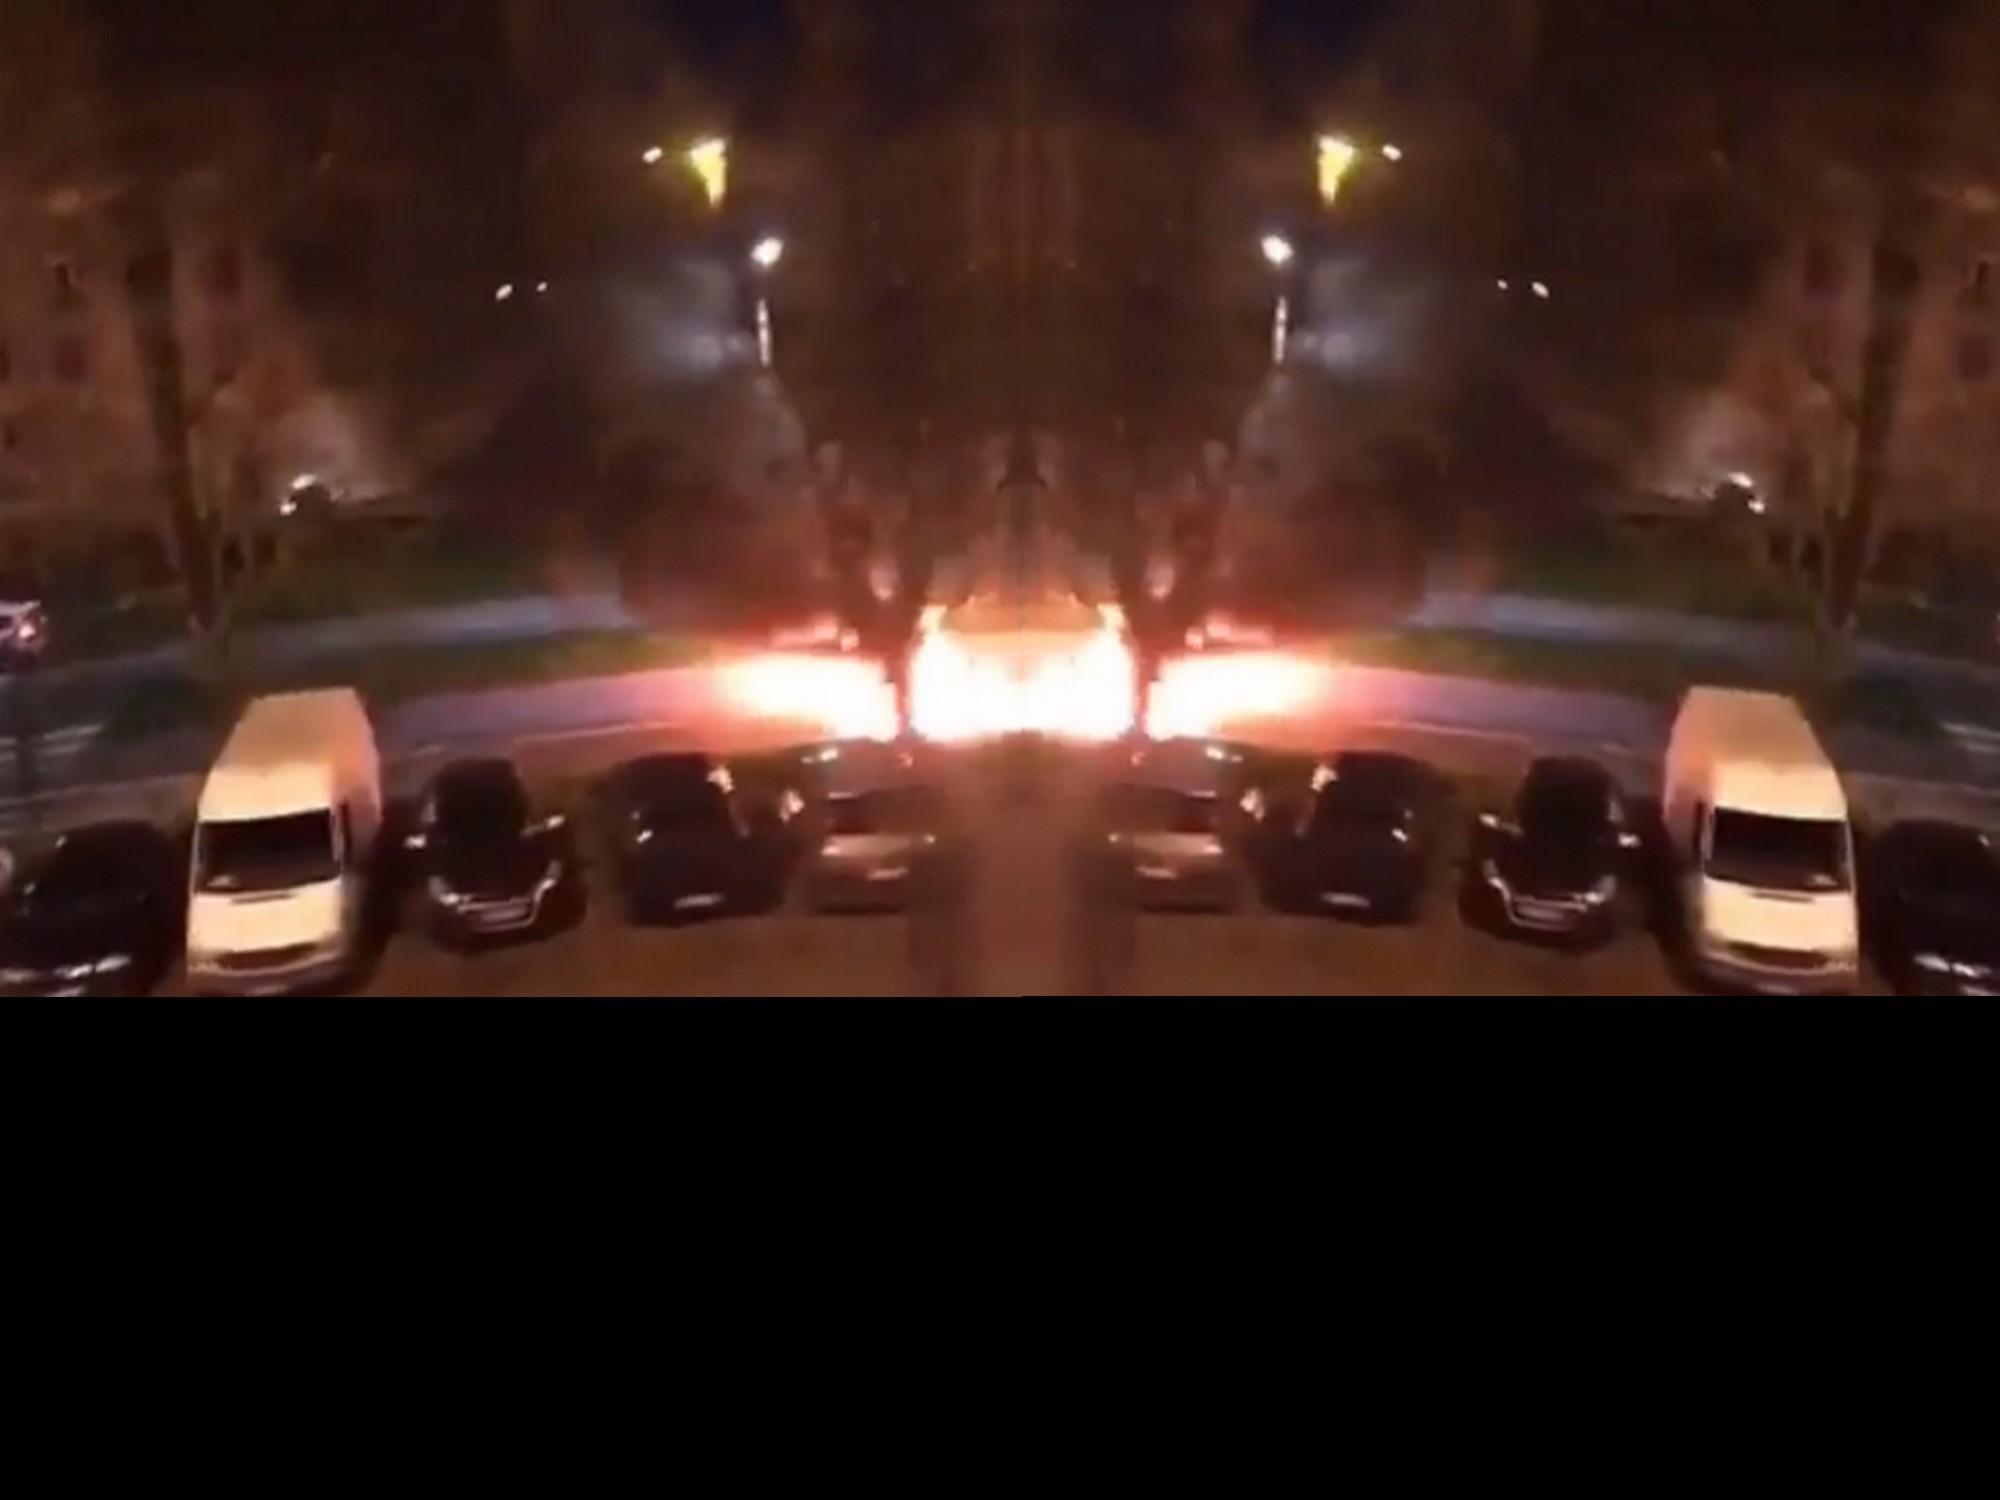 [Étouvie] Voitures incendiées: pourquoi G.Darmanin annonce 8 nouvelles recrues pour la Police